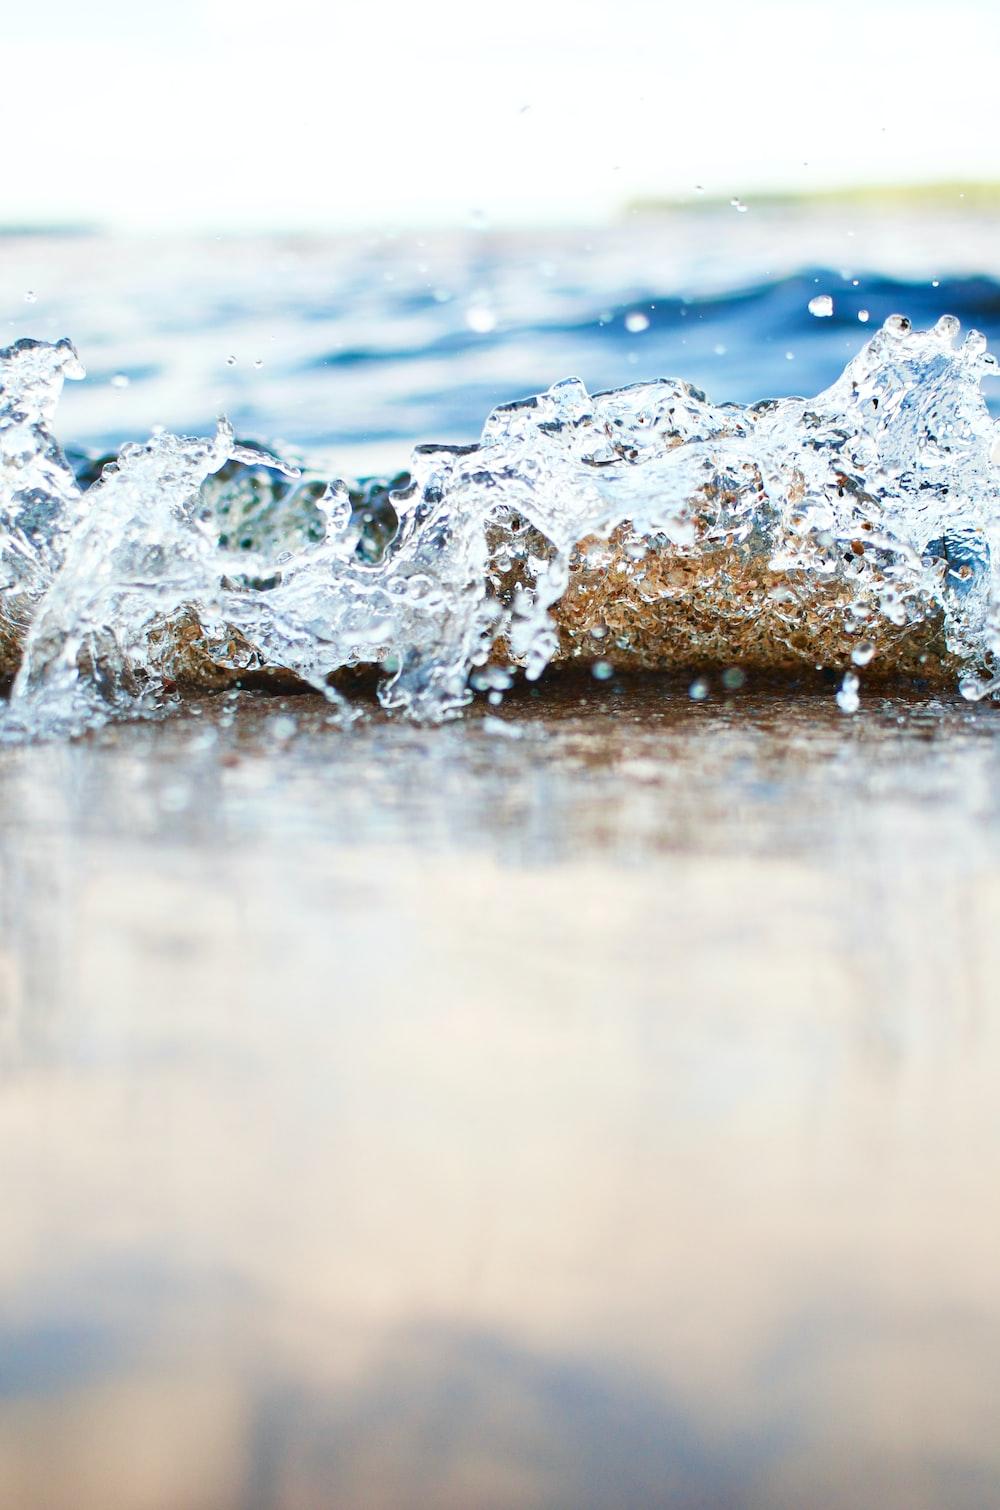 water splash on brown rock